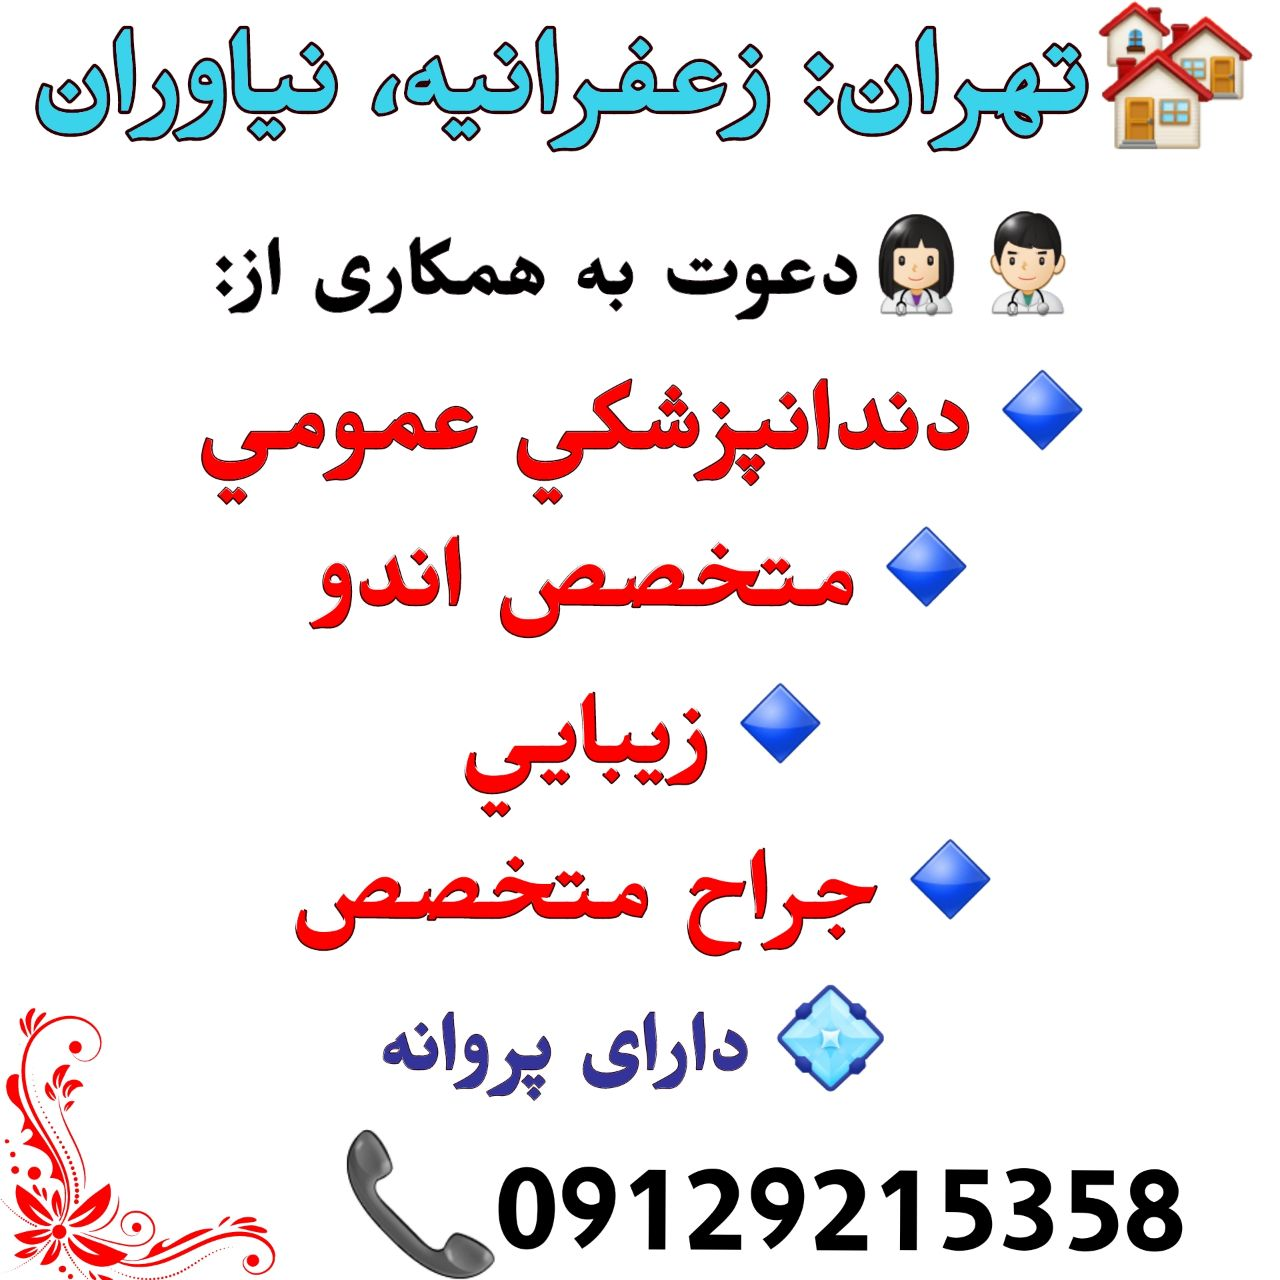 تهران: زعفرانیه، نیاوران، دعوت به همکاری از دندانپزشک عمومی،  متخصص اندو، زیبایی و جراح متخصص